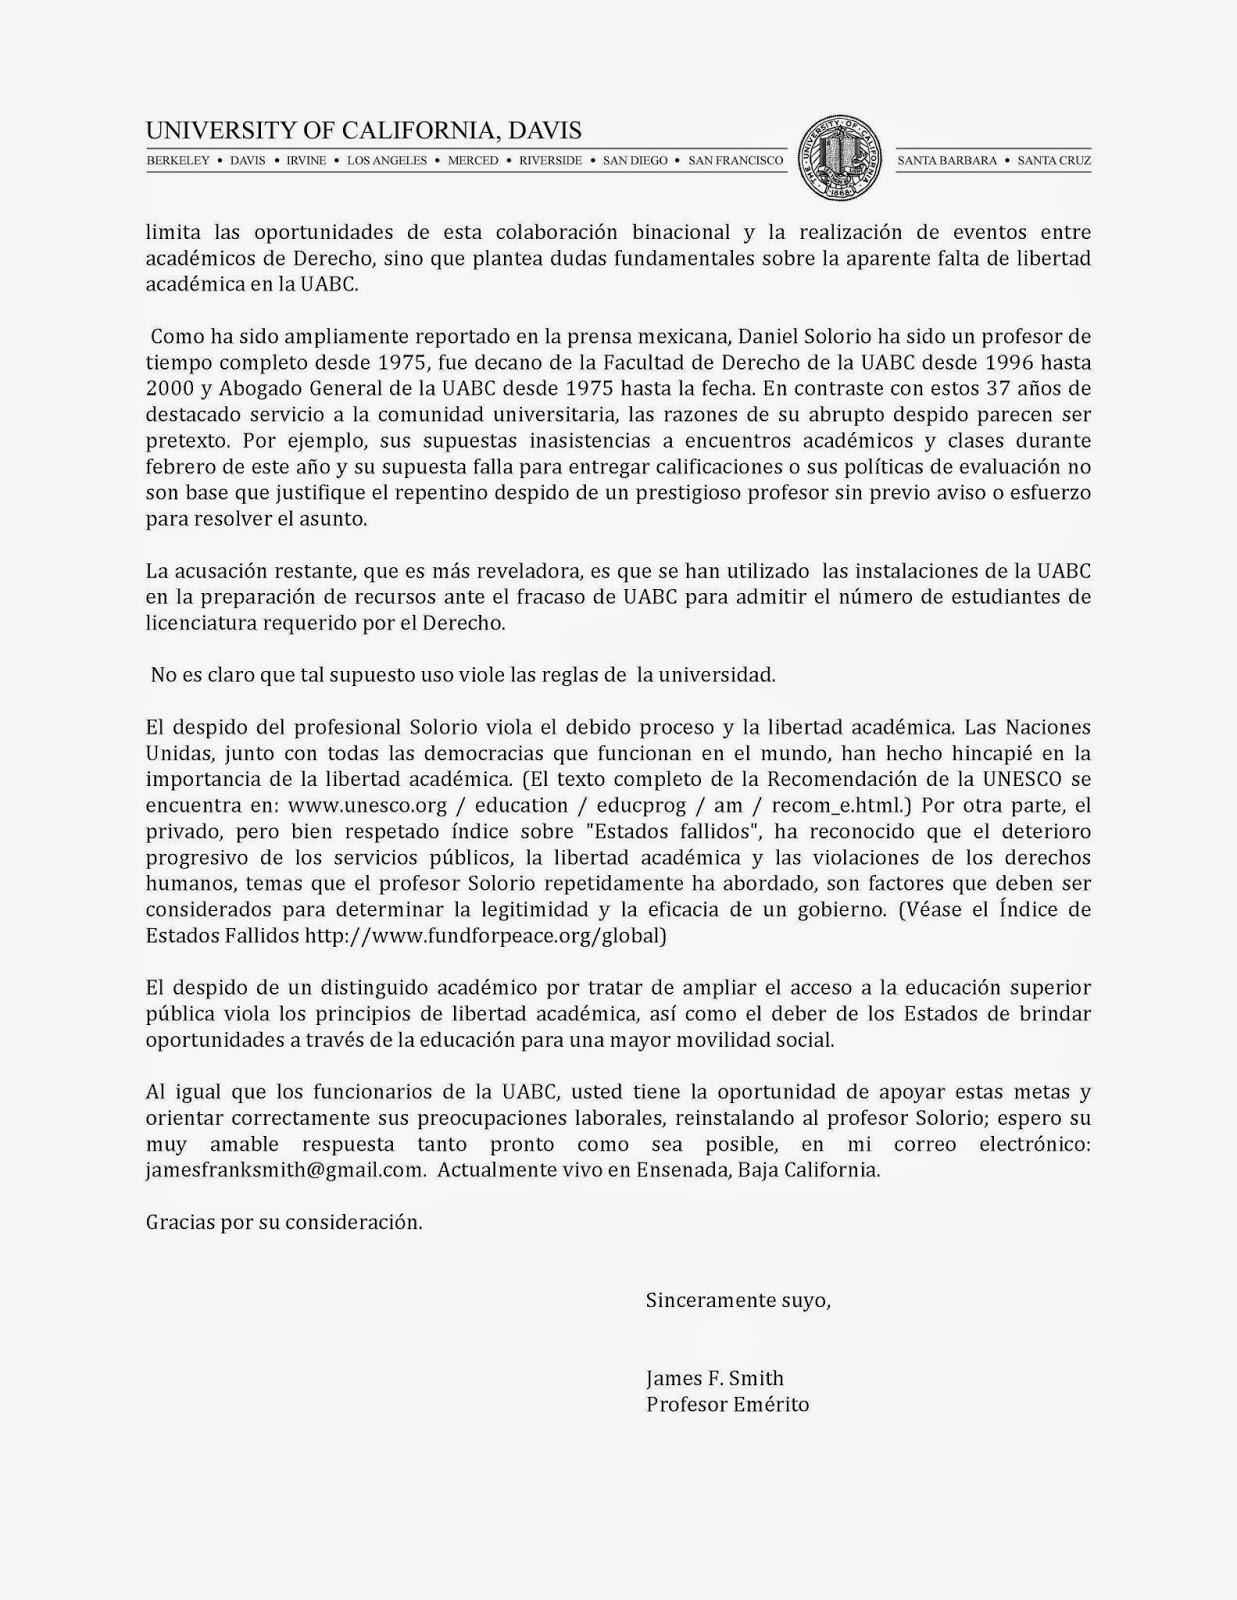 UABCleaks: marzo 2015